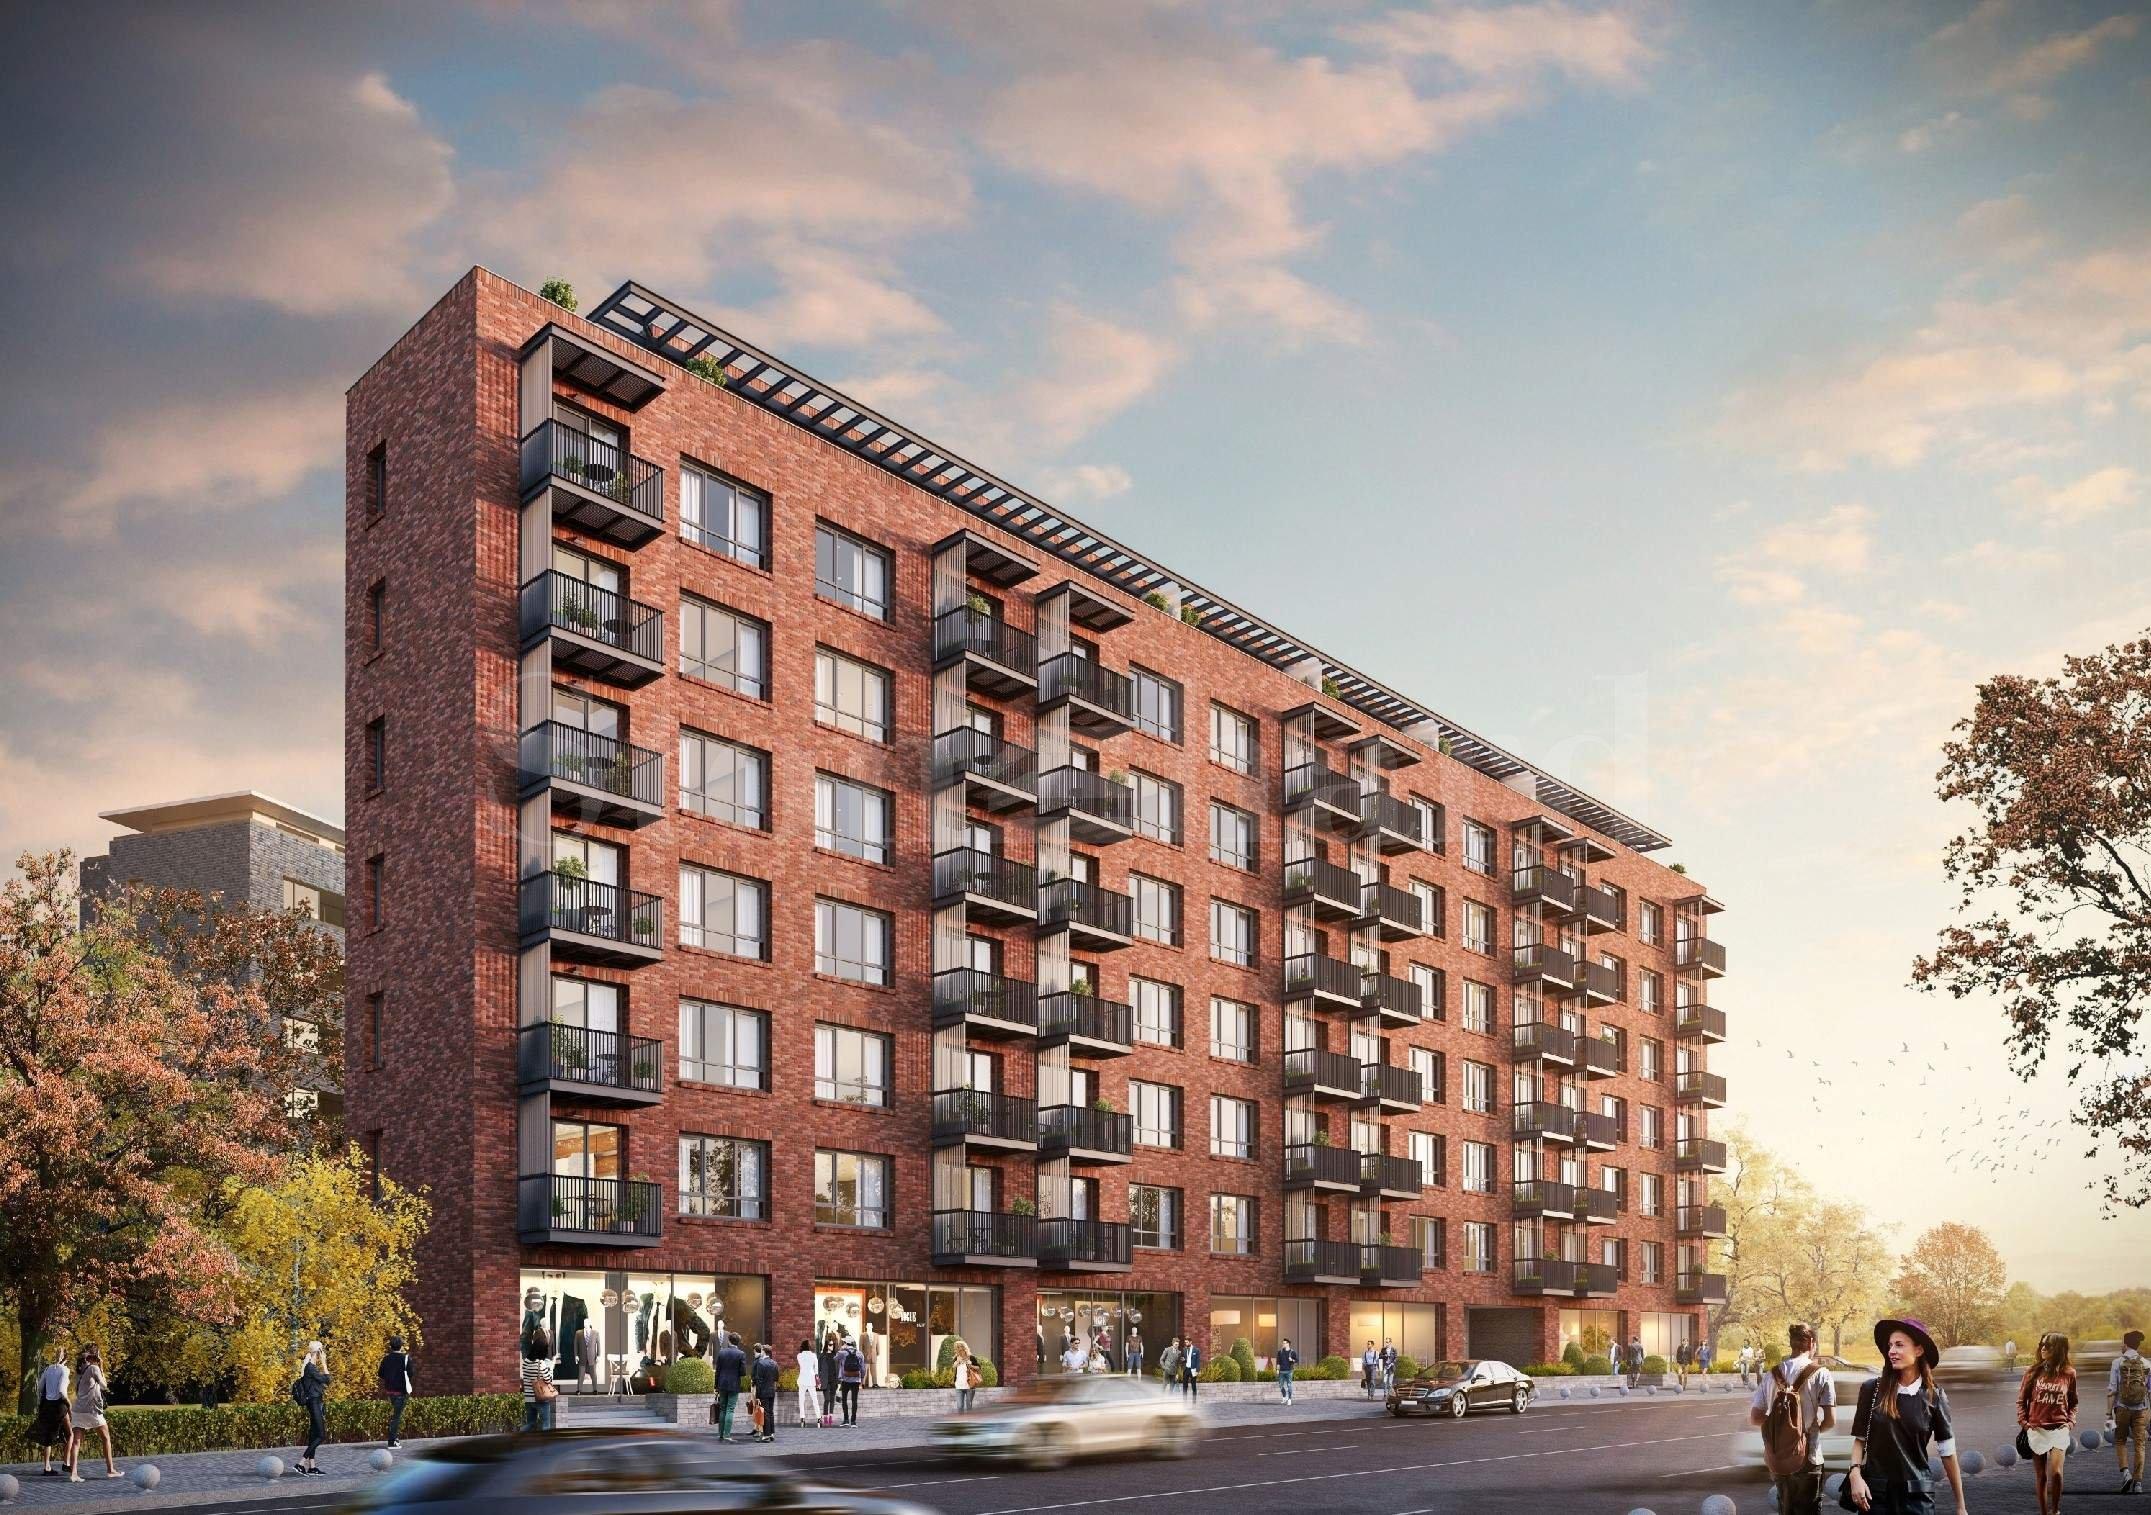 Многофамилна жилищна сграда с хармоничен дизайн и озеленен парк  2 - Stonehard